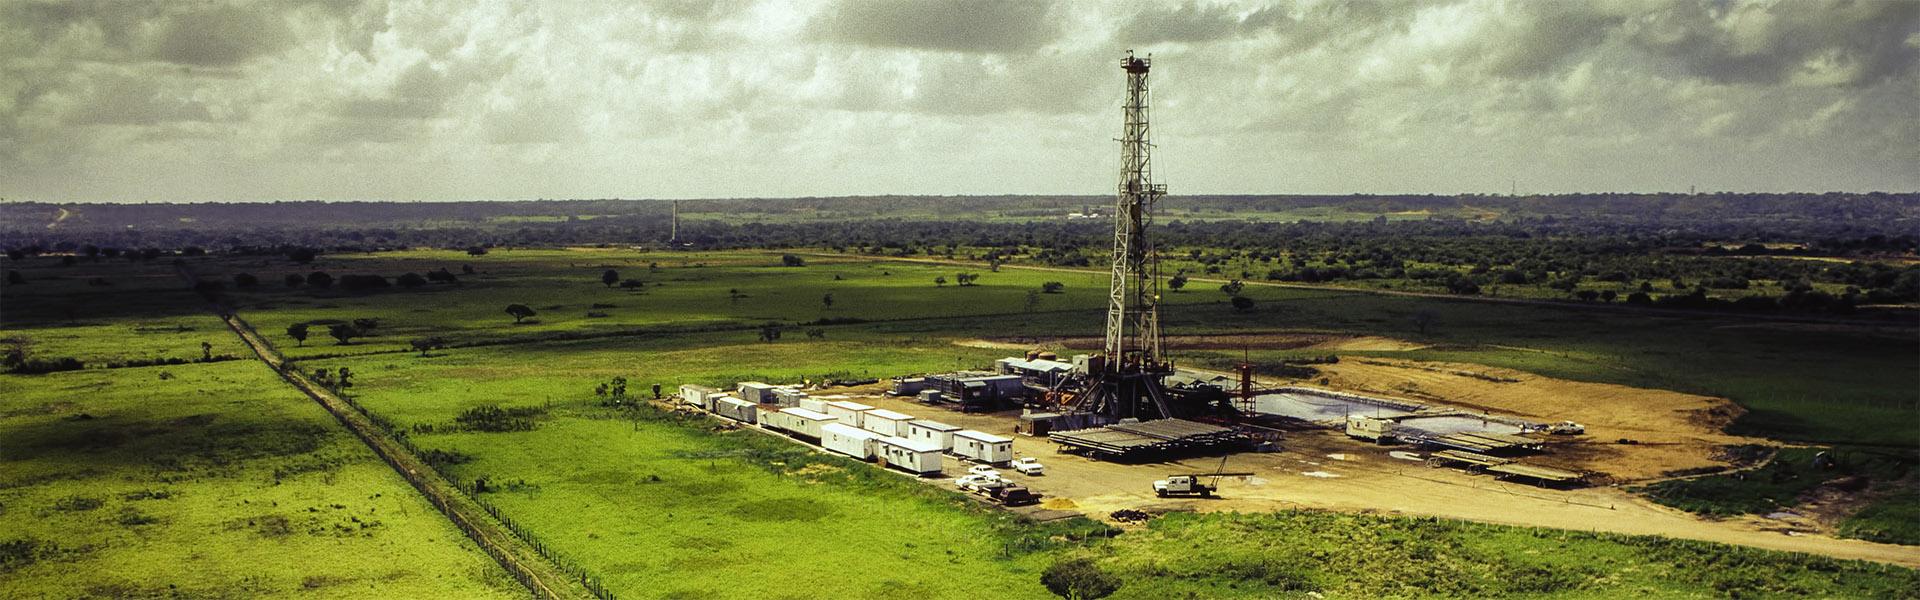 Hamilton Squibb oil image